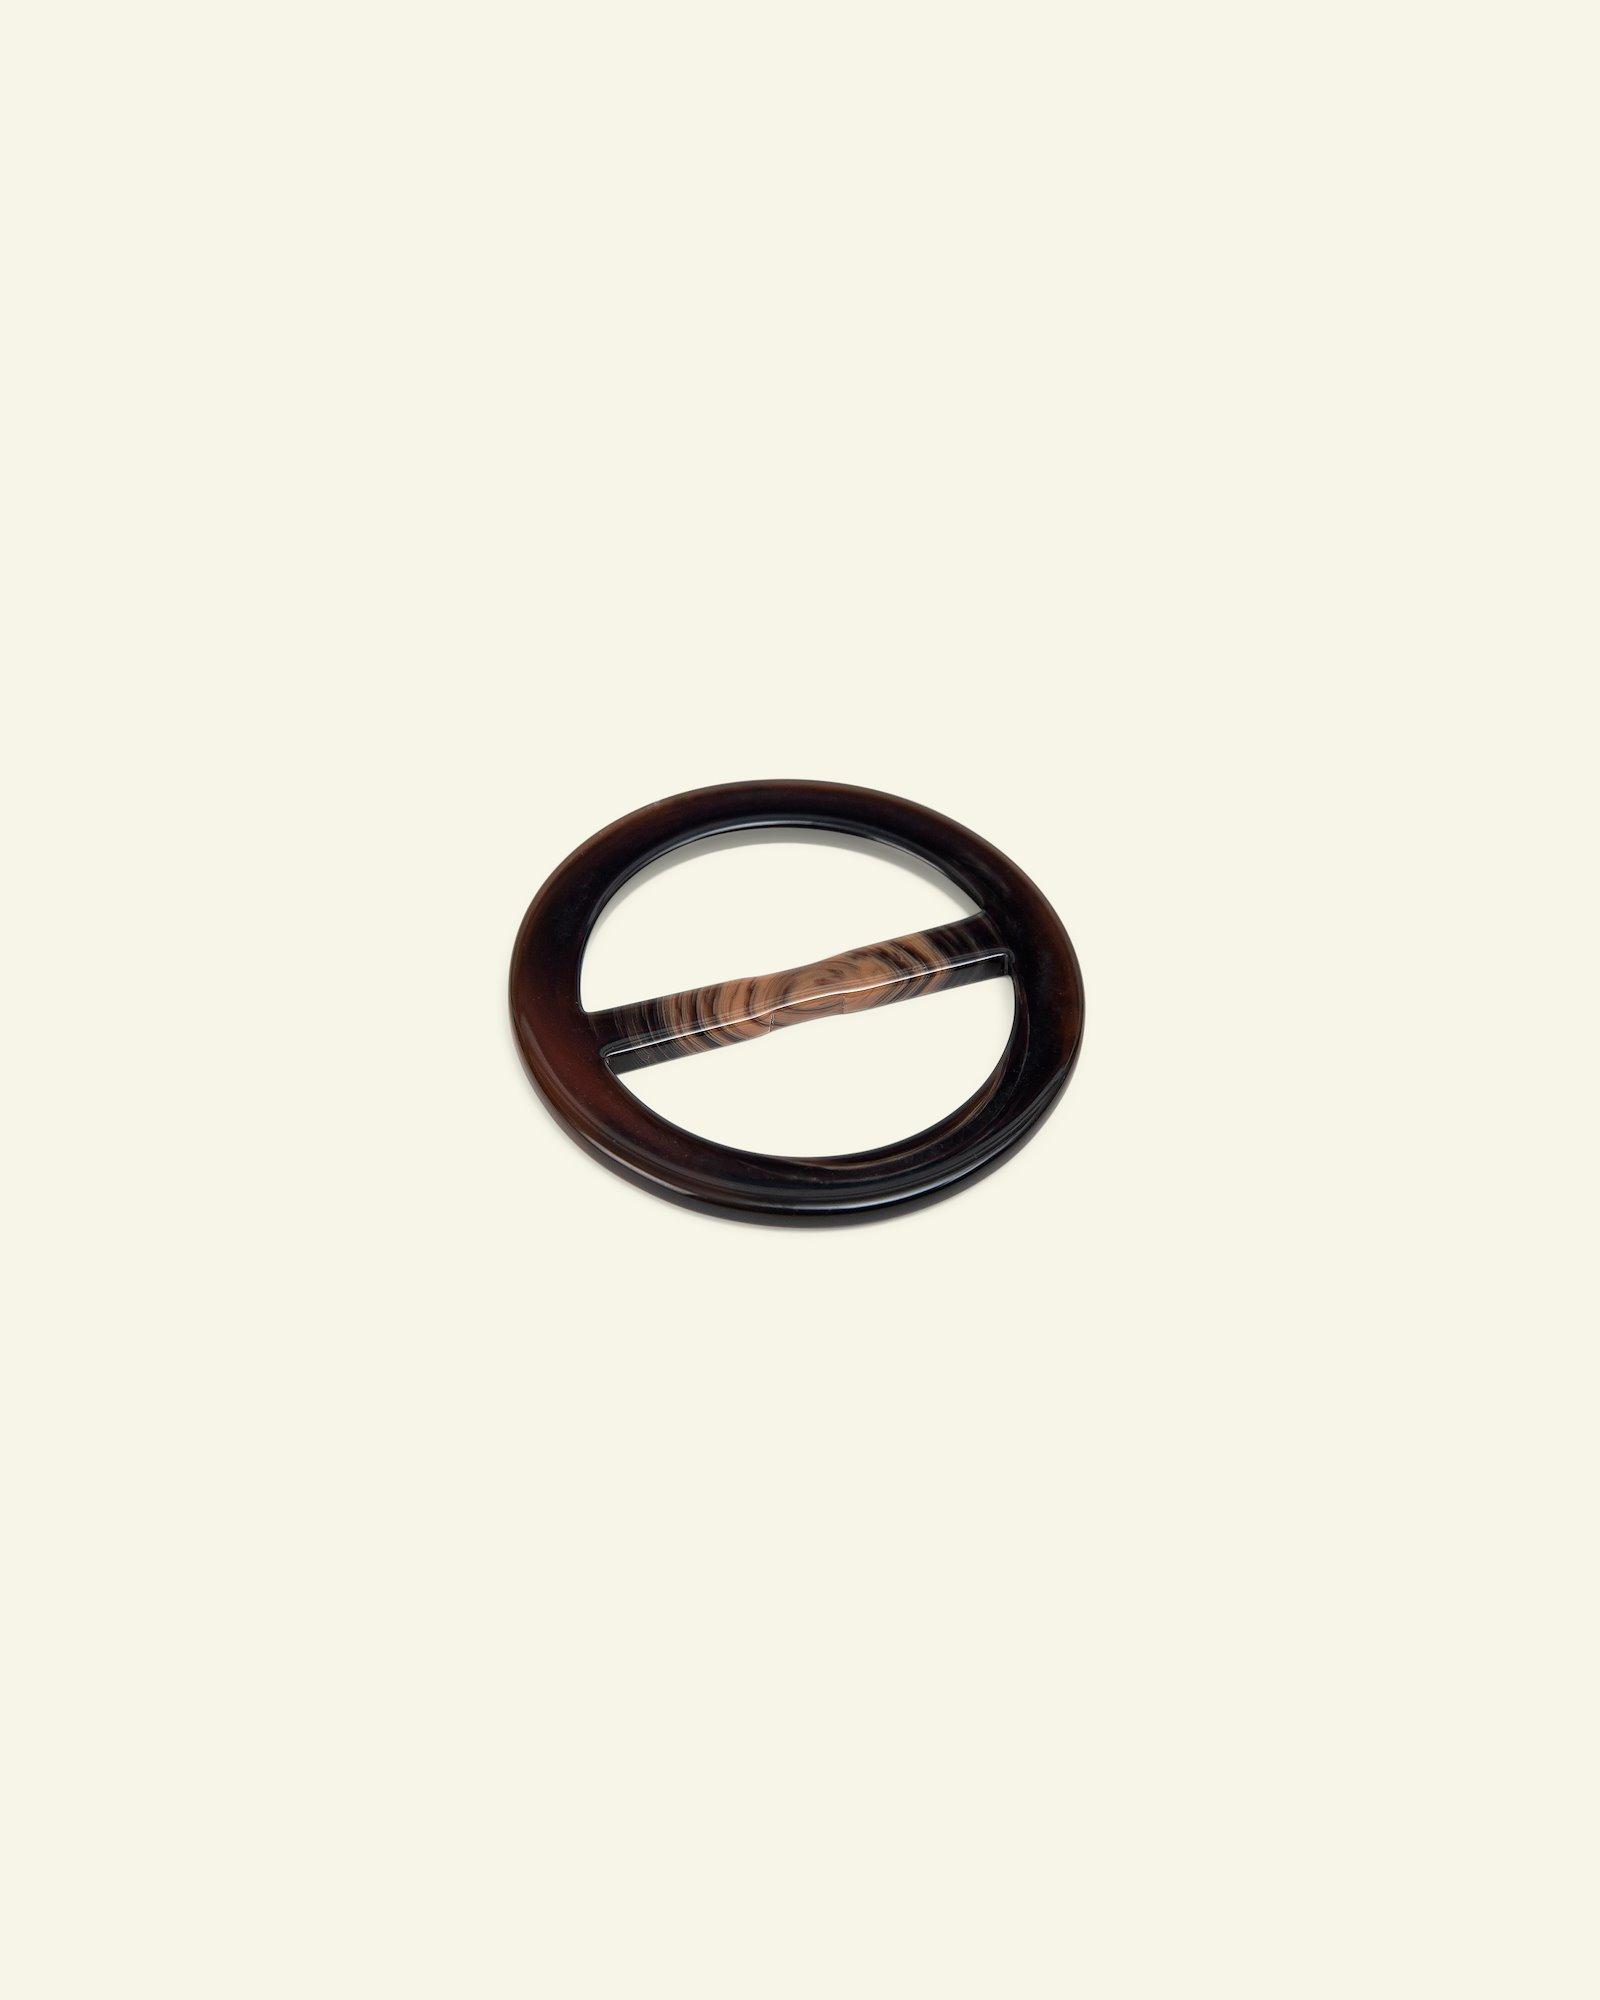 Beltbuckle round 57/40mm dark brown 1 pc